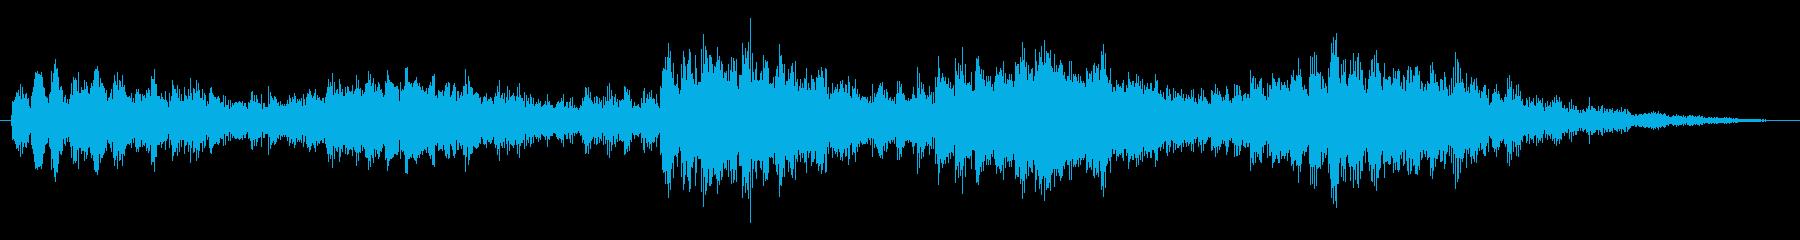 打撃 緊張のエニグマ02の再生済みの波形